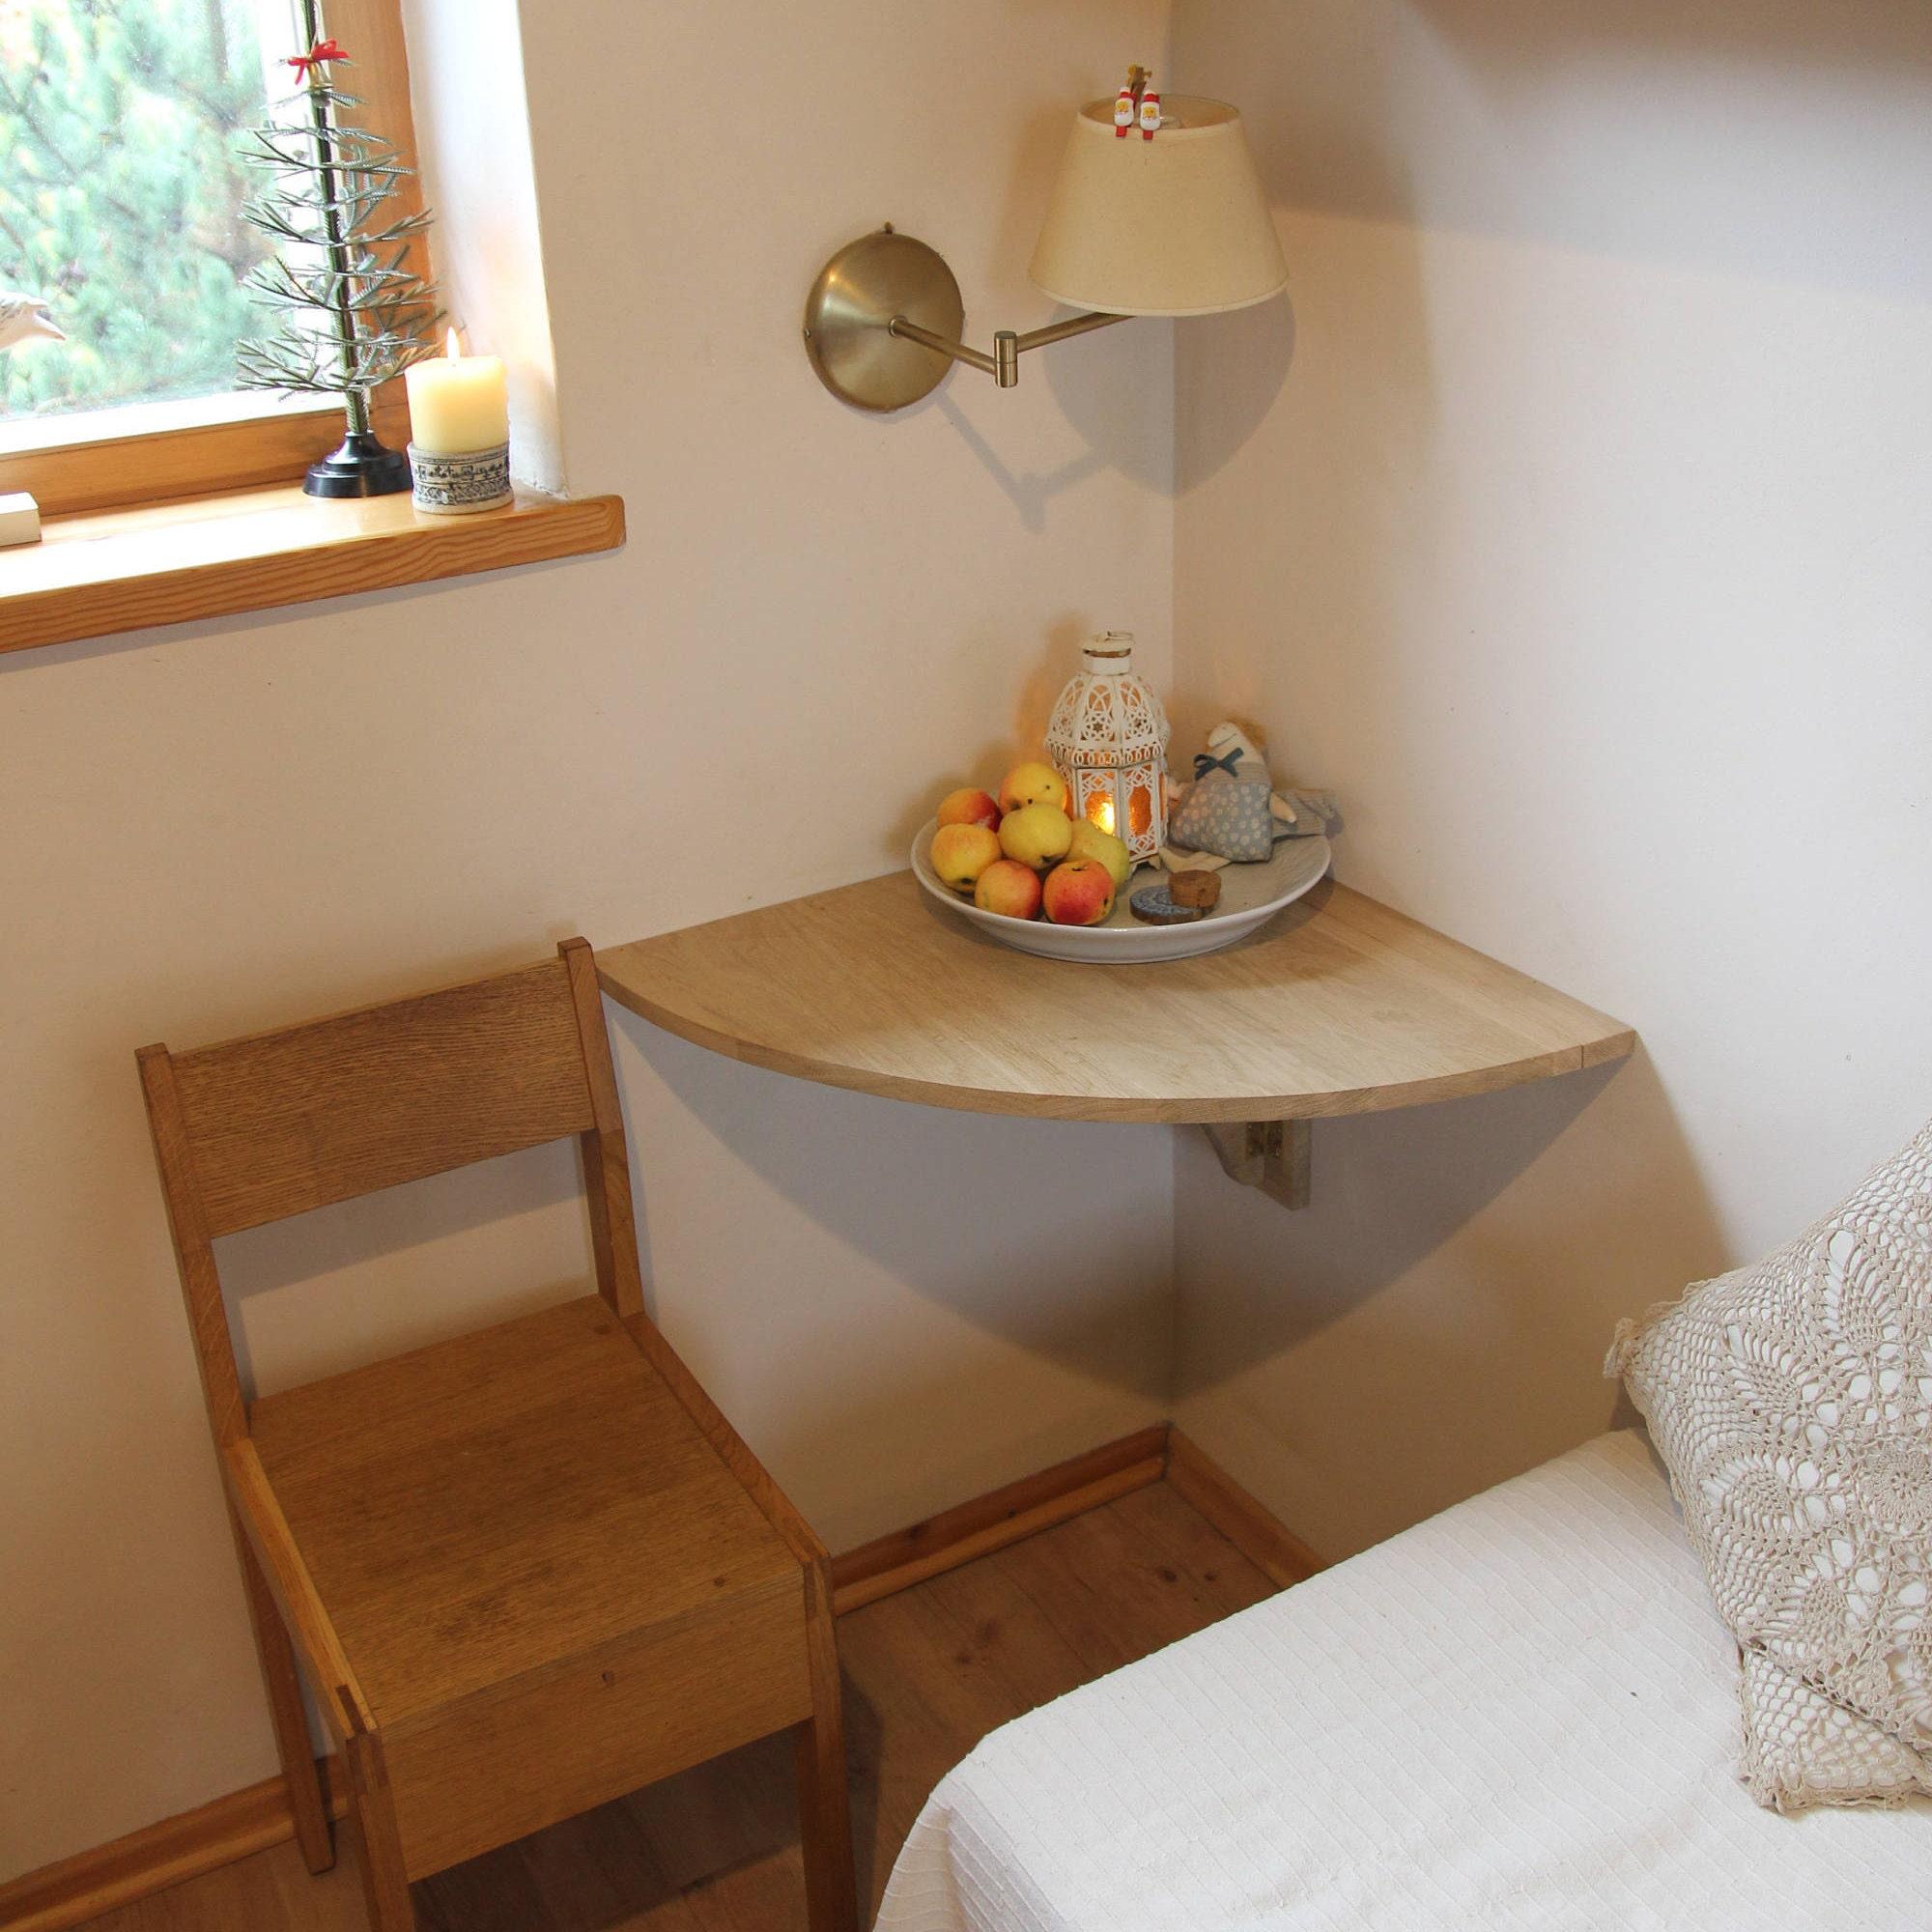 Wand-Ecke-Schreibtisch an der Wand Klapptisch Tisch | Etsy